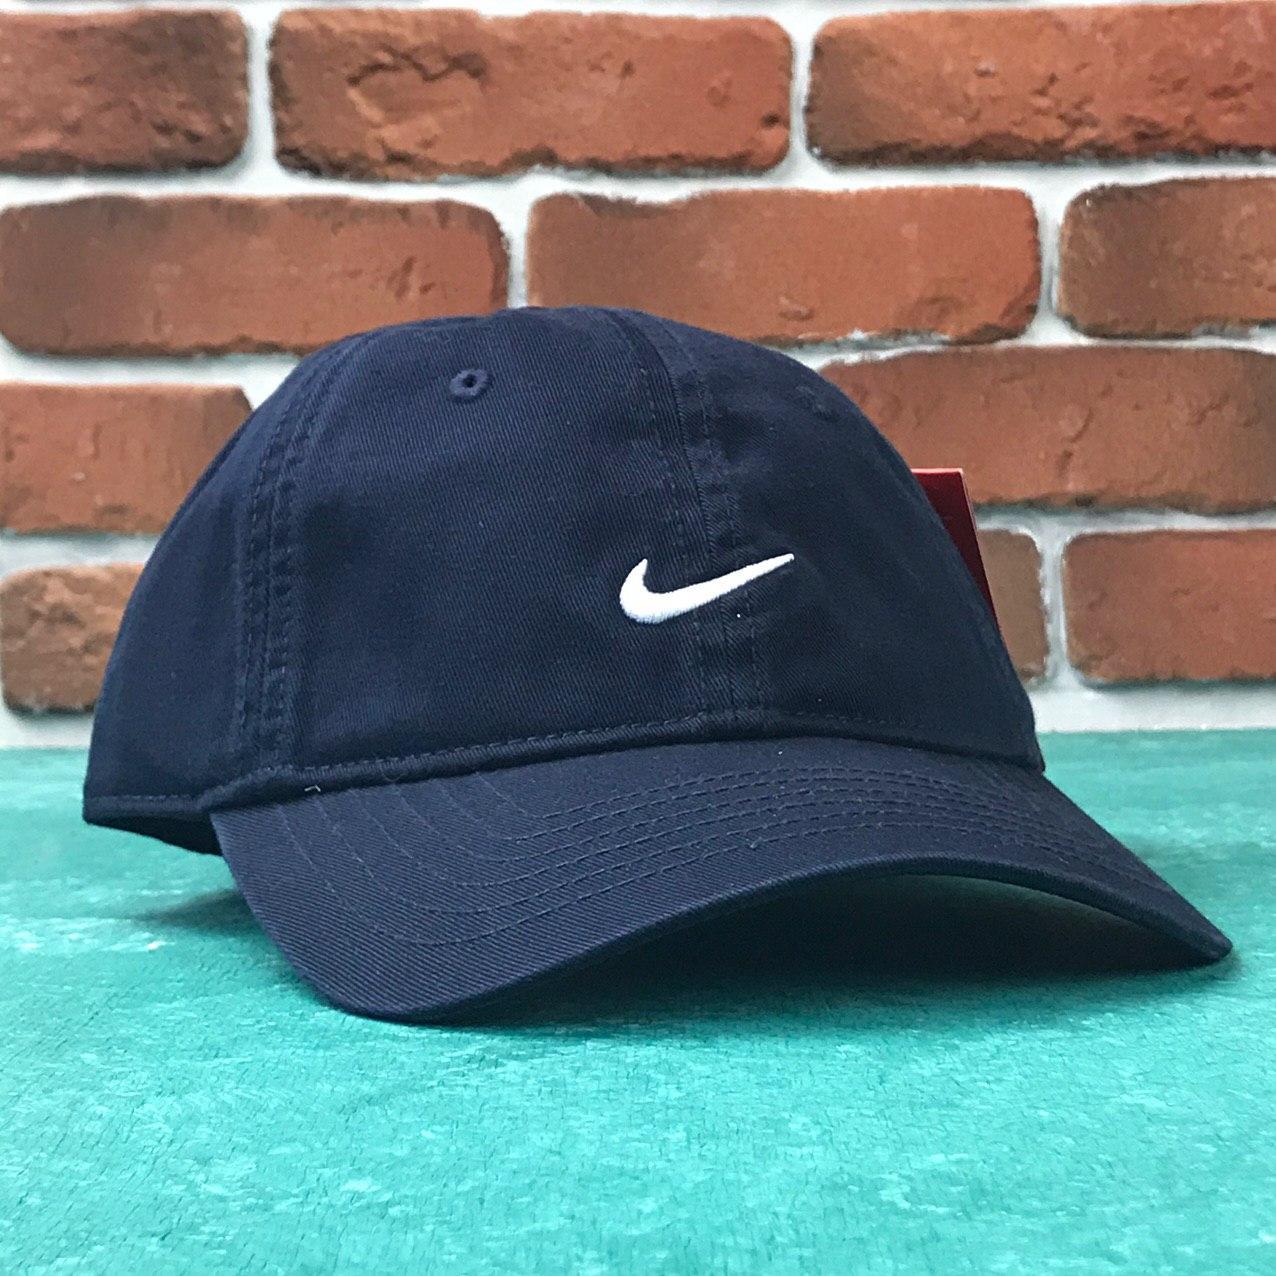 Кепка Бейсболка Мужская Женская Nike Найк Темно-синяя с белым лого